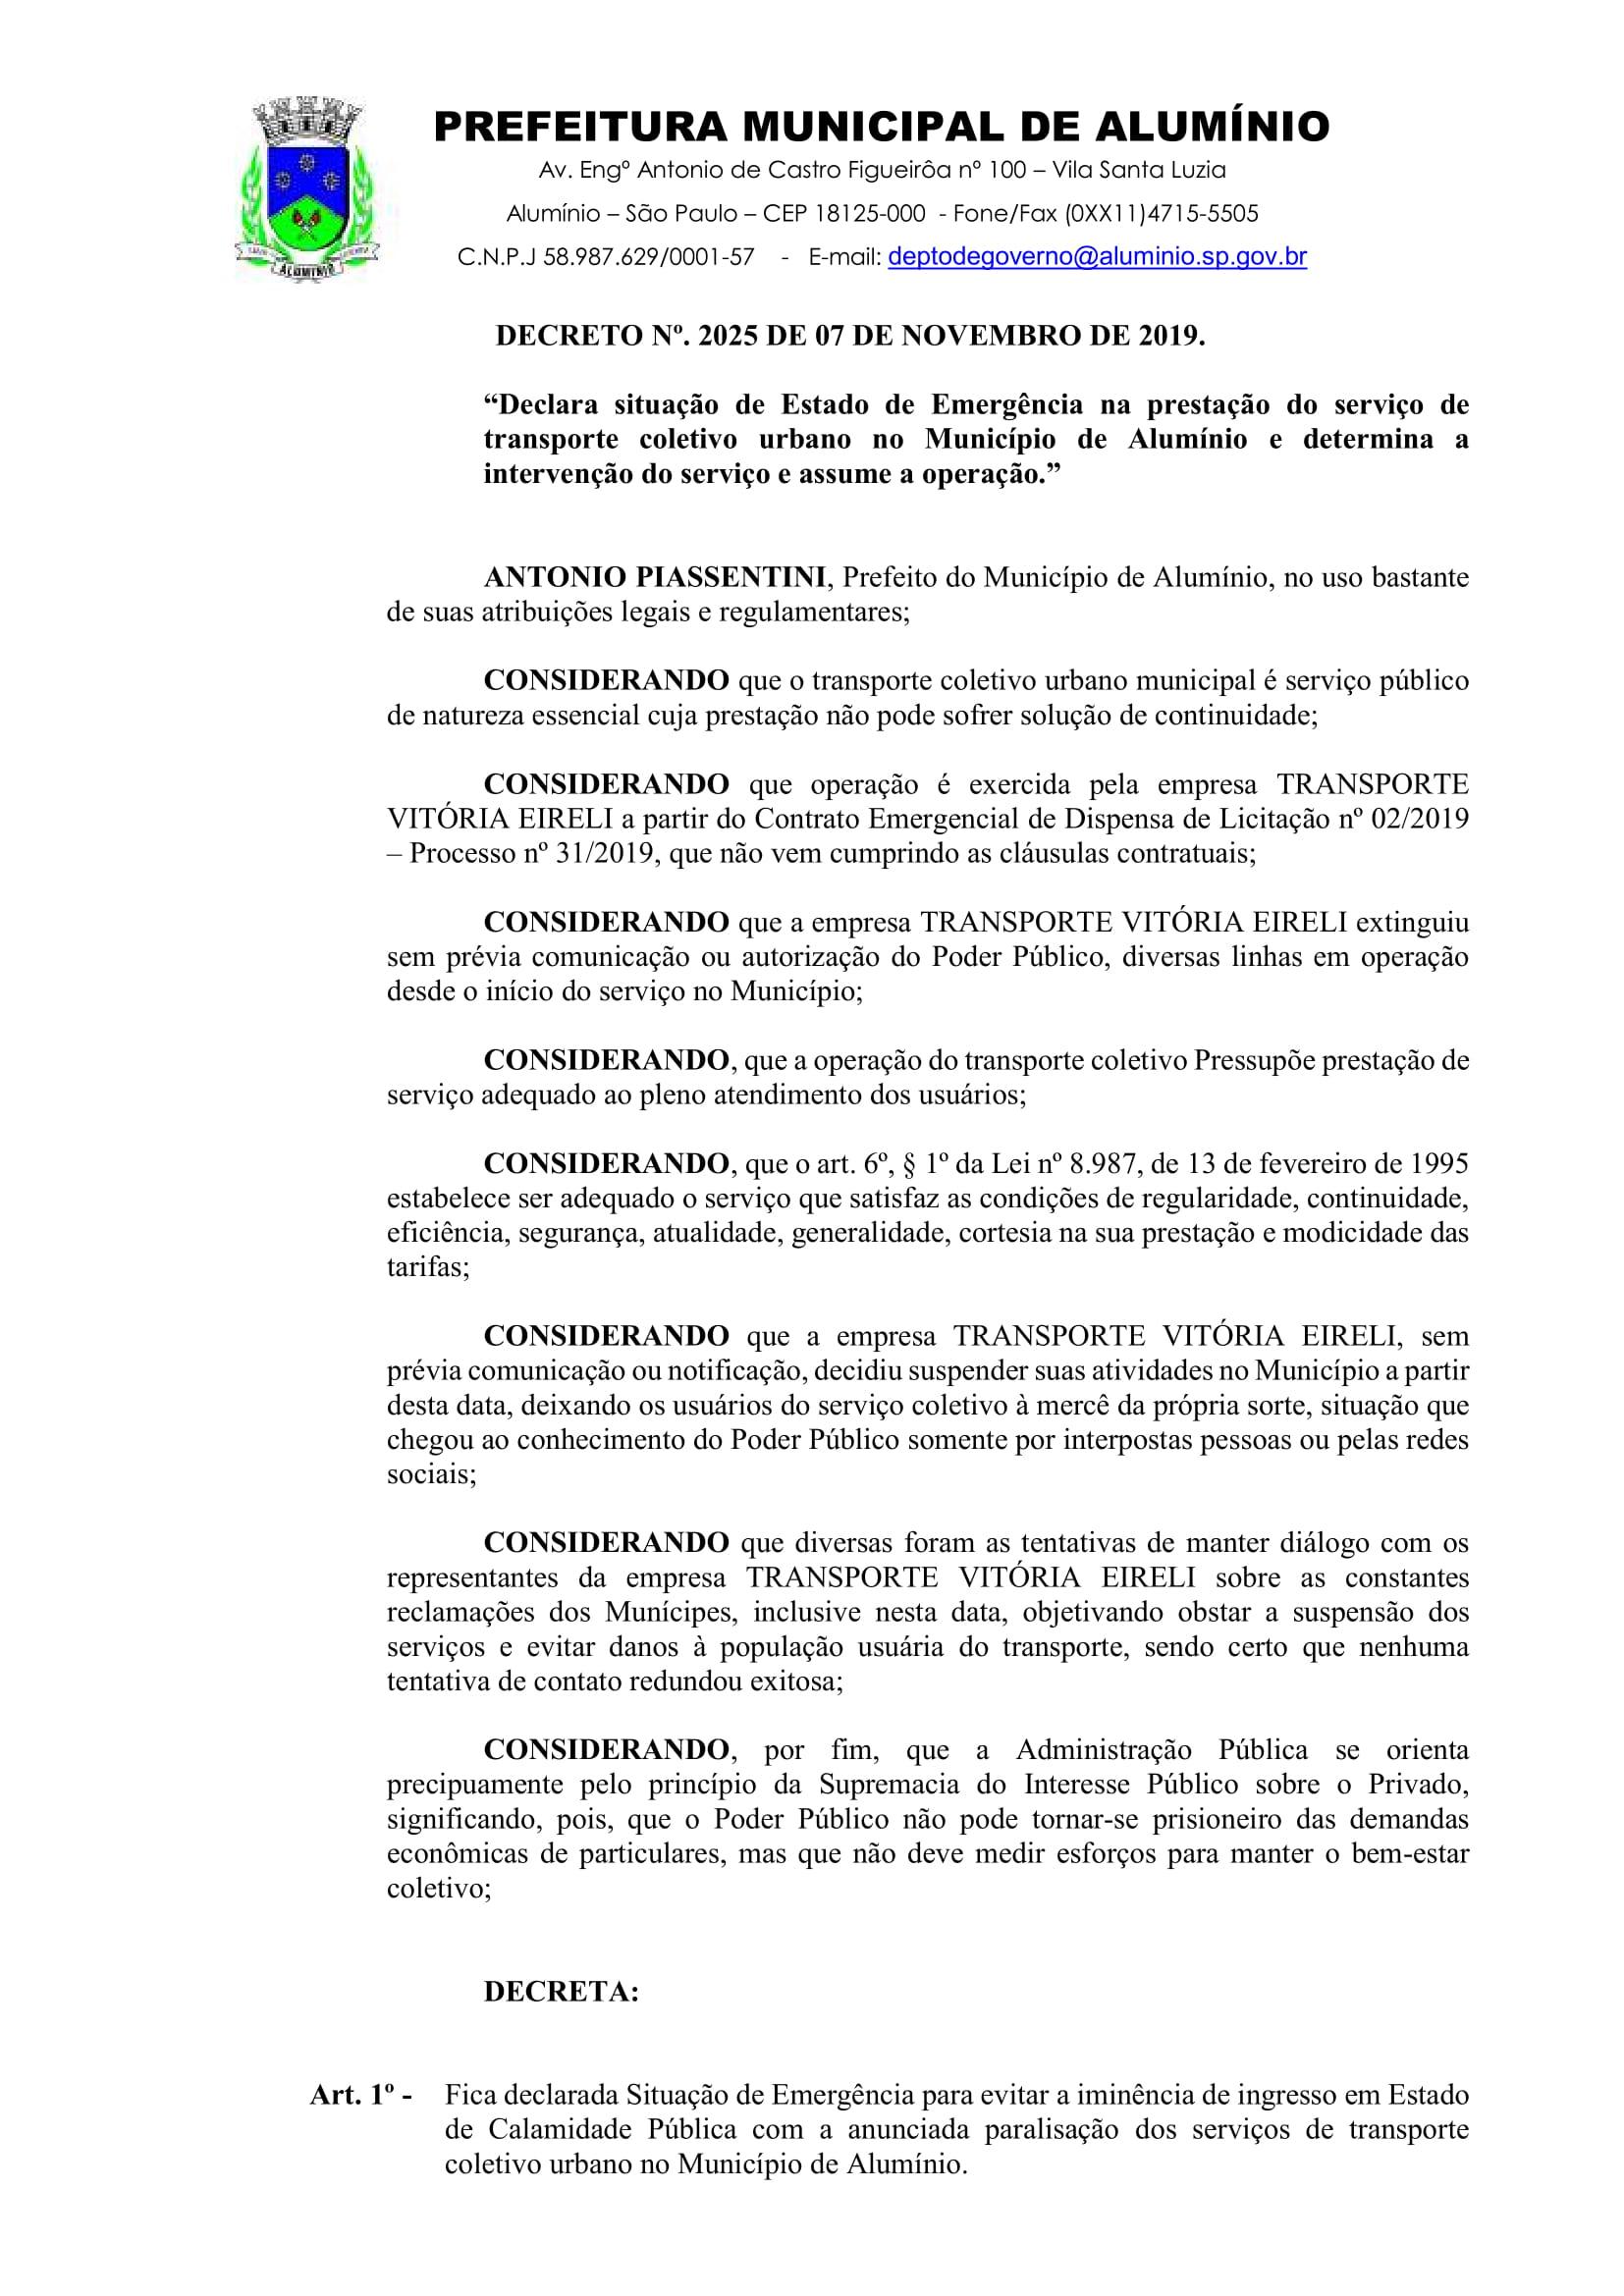 Decreto-2025-2019-Declara-situação-de-emergência-1